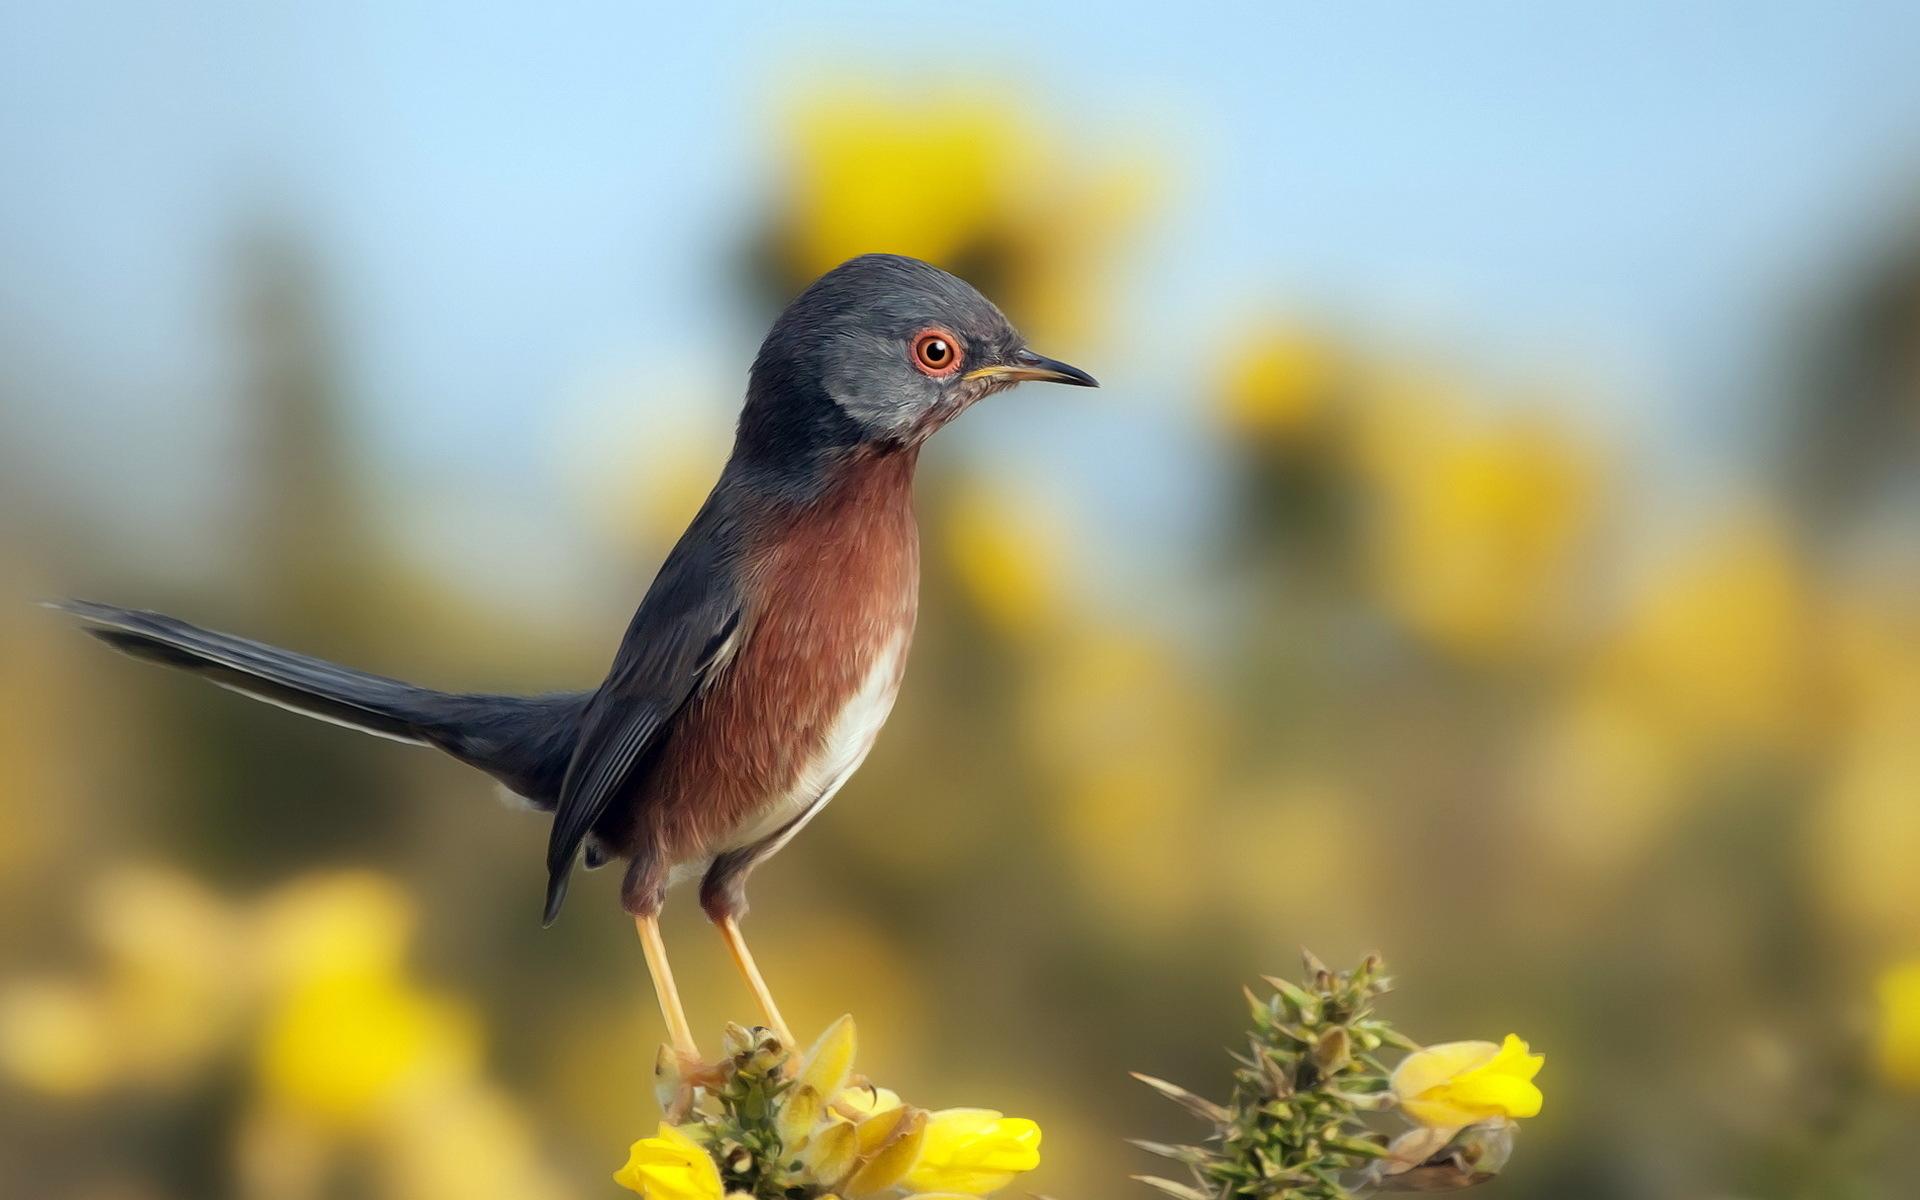 природа животные птица nature animals bird  № 2036842 бесплатно